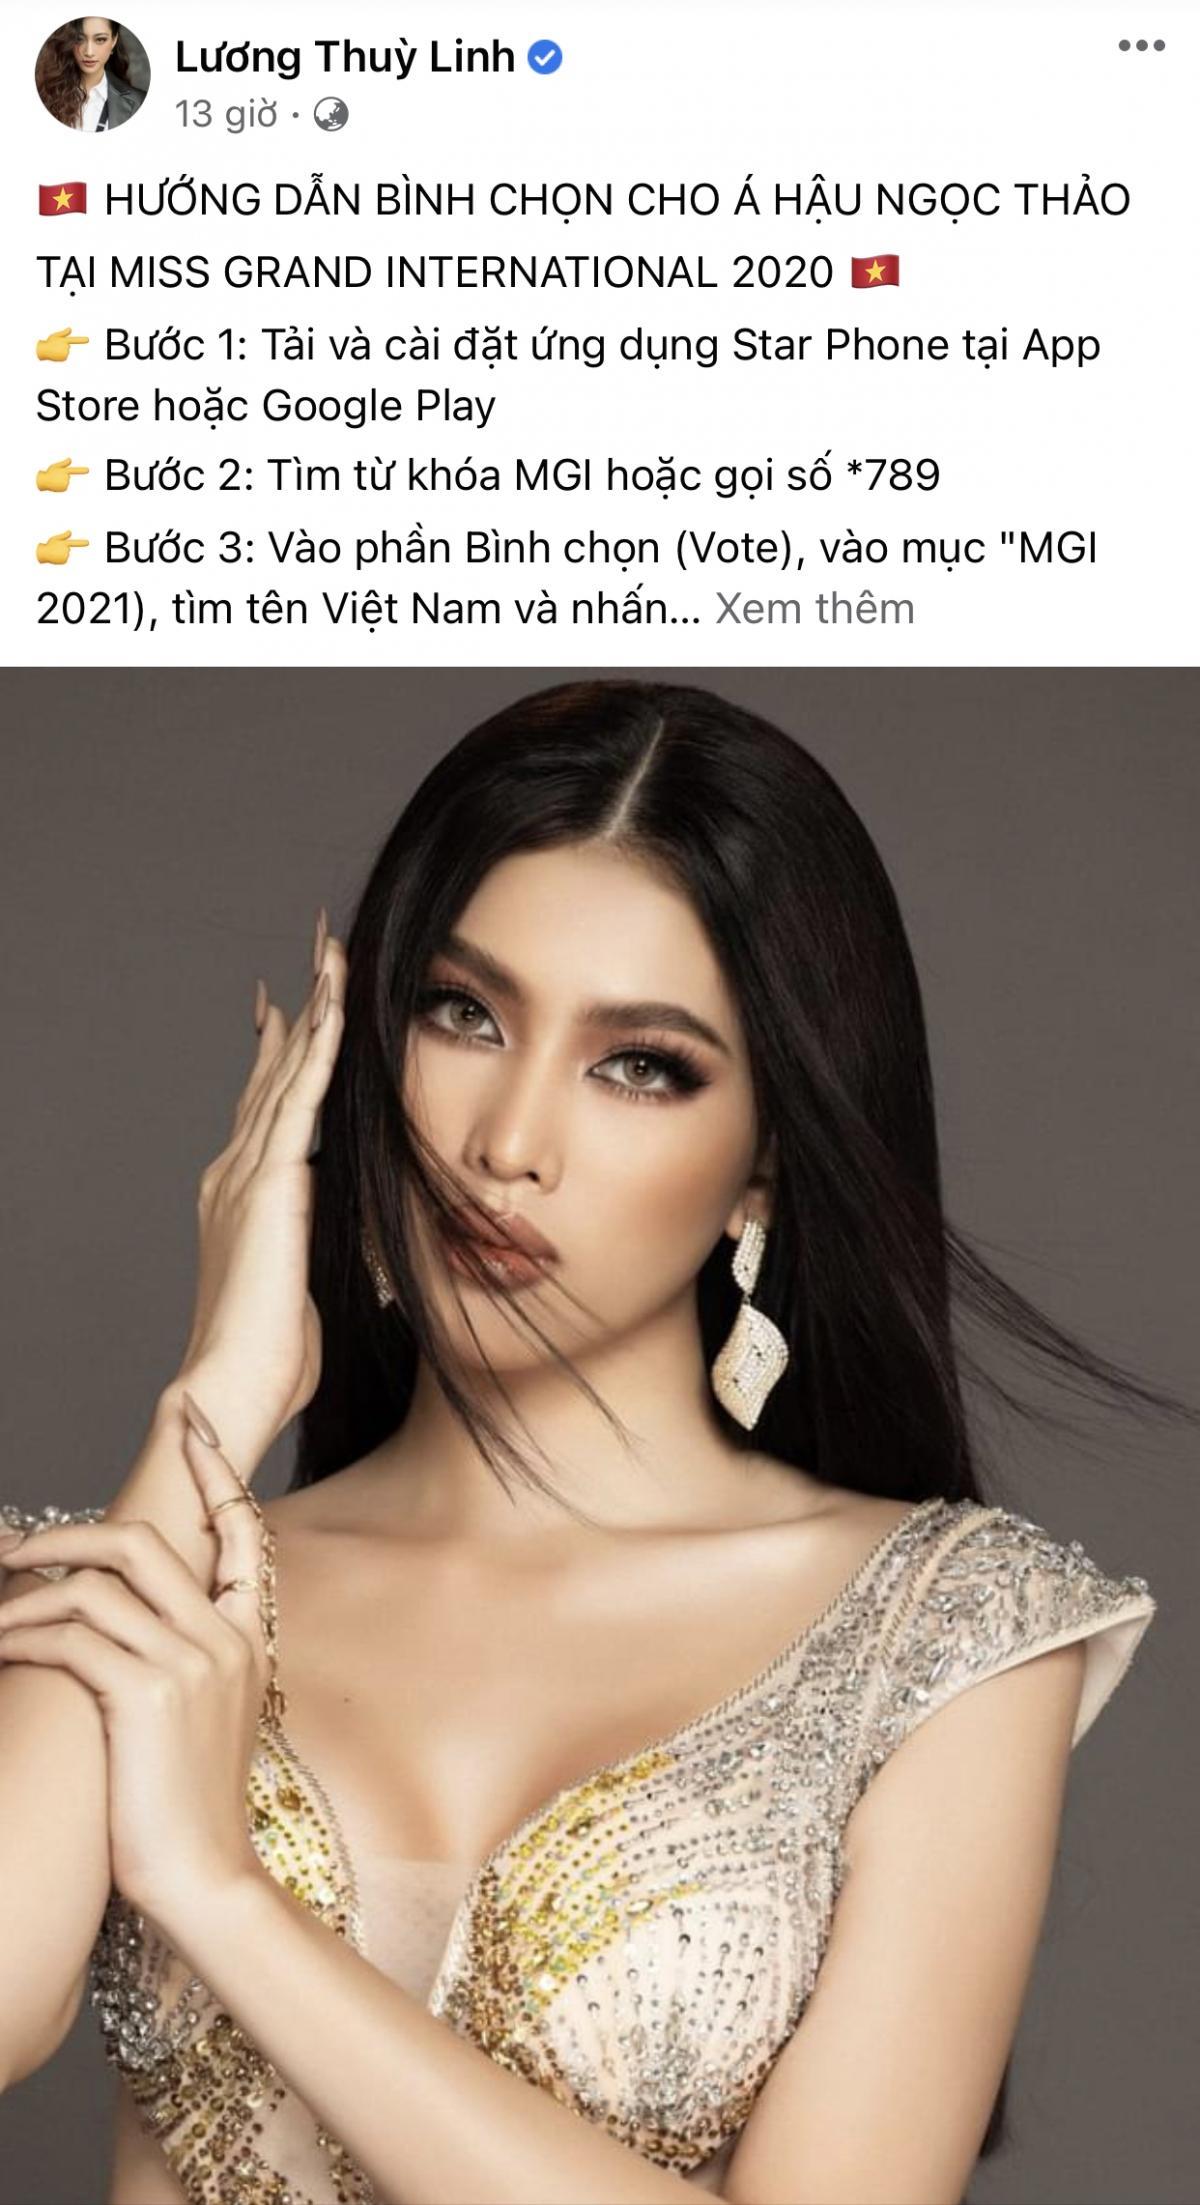 Hoa hậu Lương Thuỳ Linh ủng hộ Á hậu Ngọc Thảo.